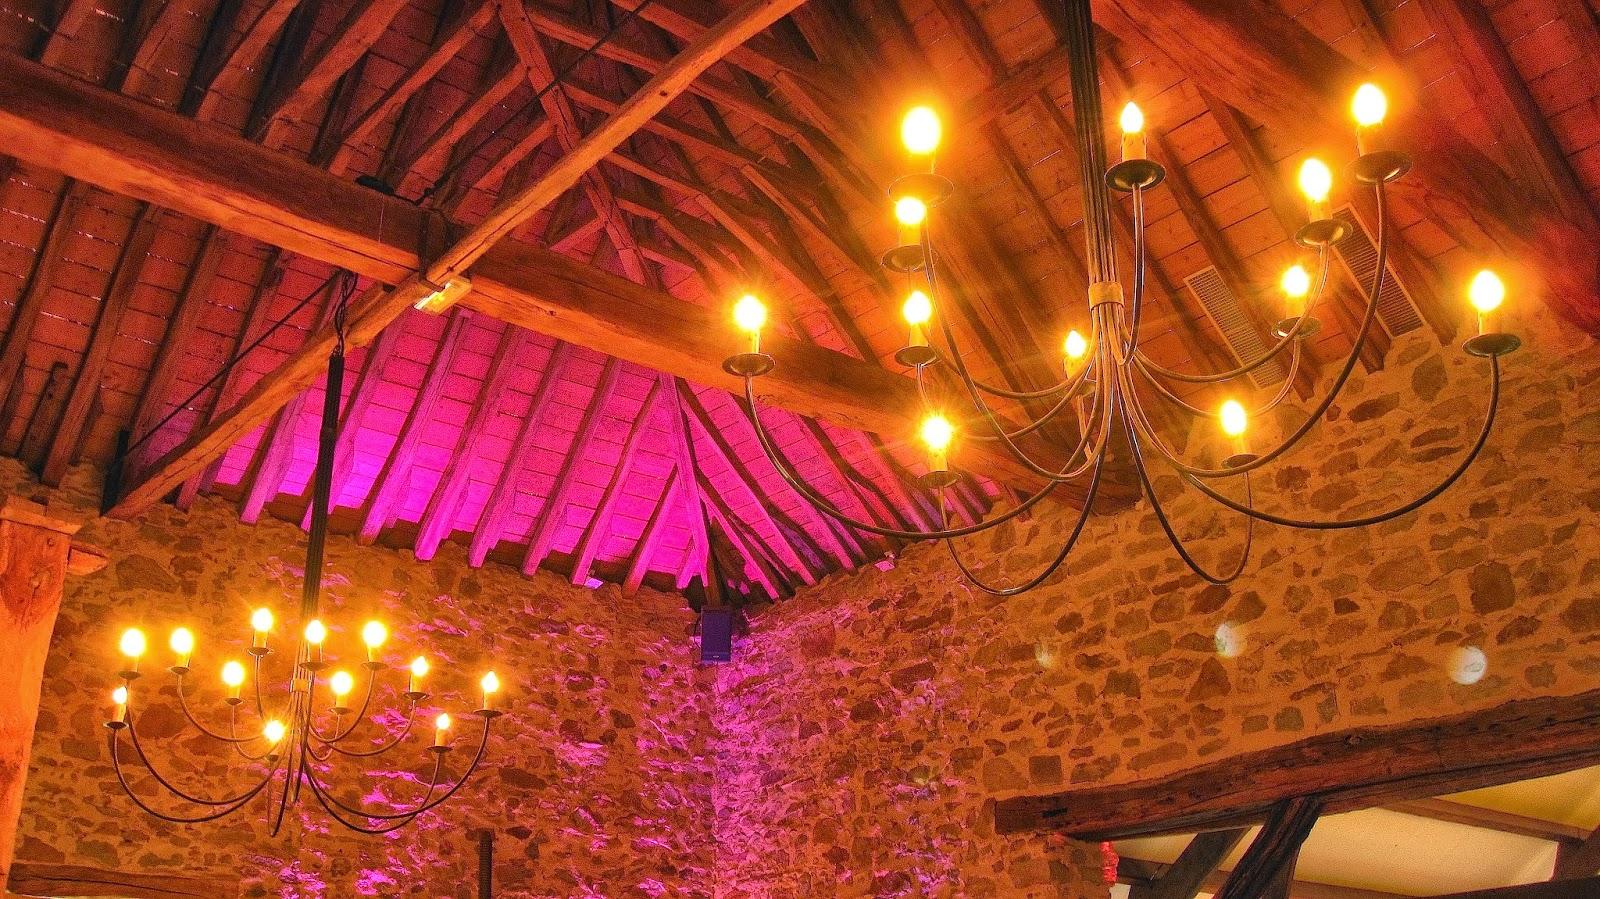 Chambres D Hotes Frossay, Chteau de la Rousselire